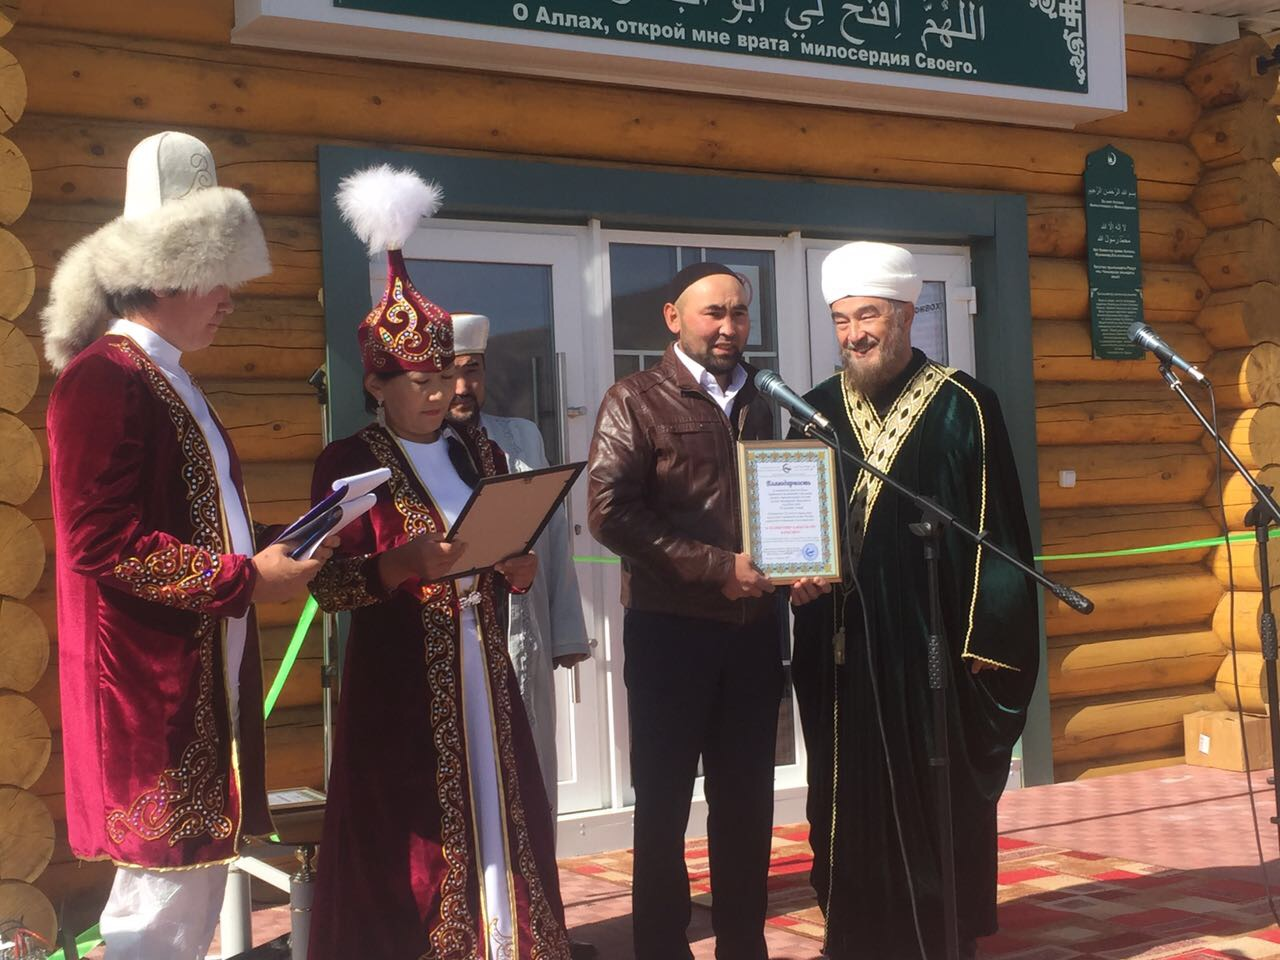 Муфтии открыли мечеть в Чуйской степи (ВИДЕО)